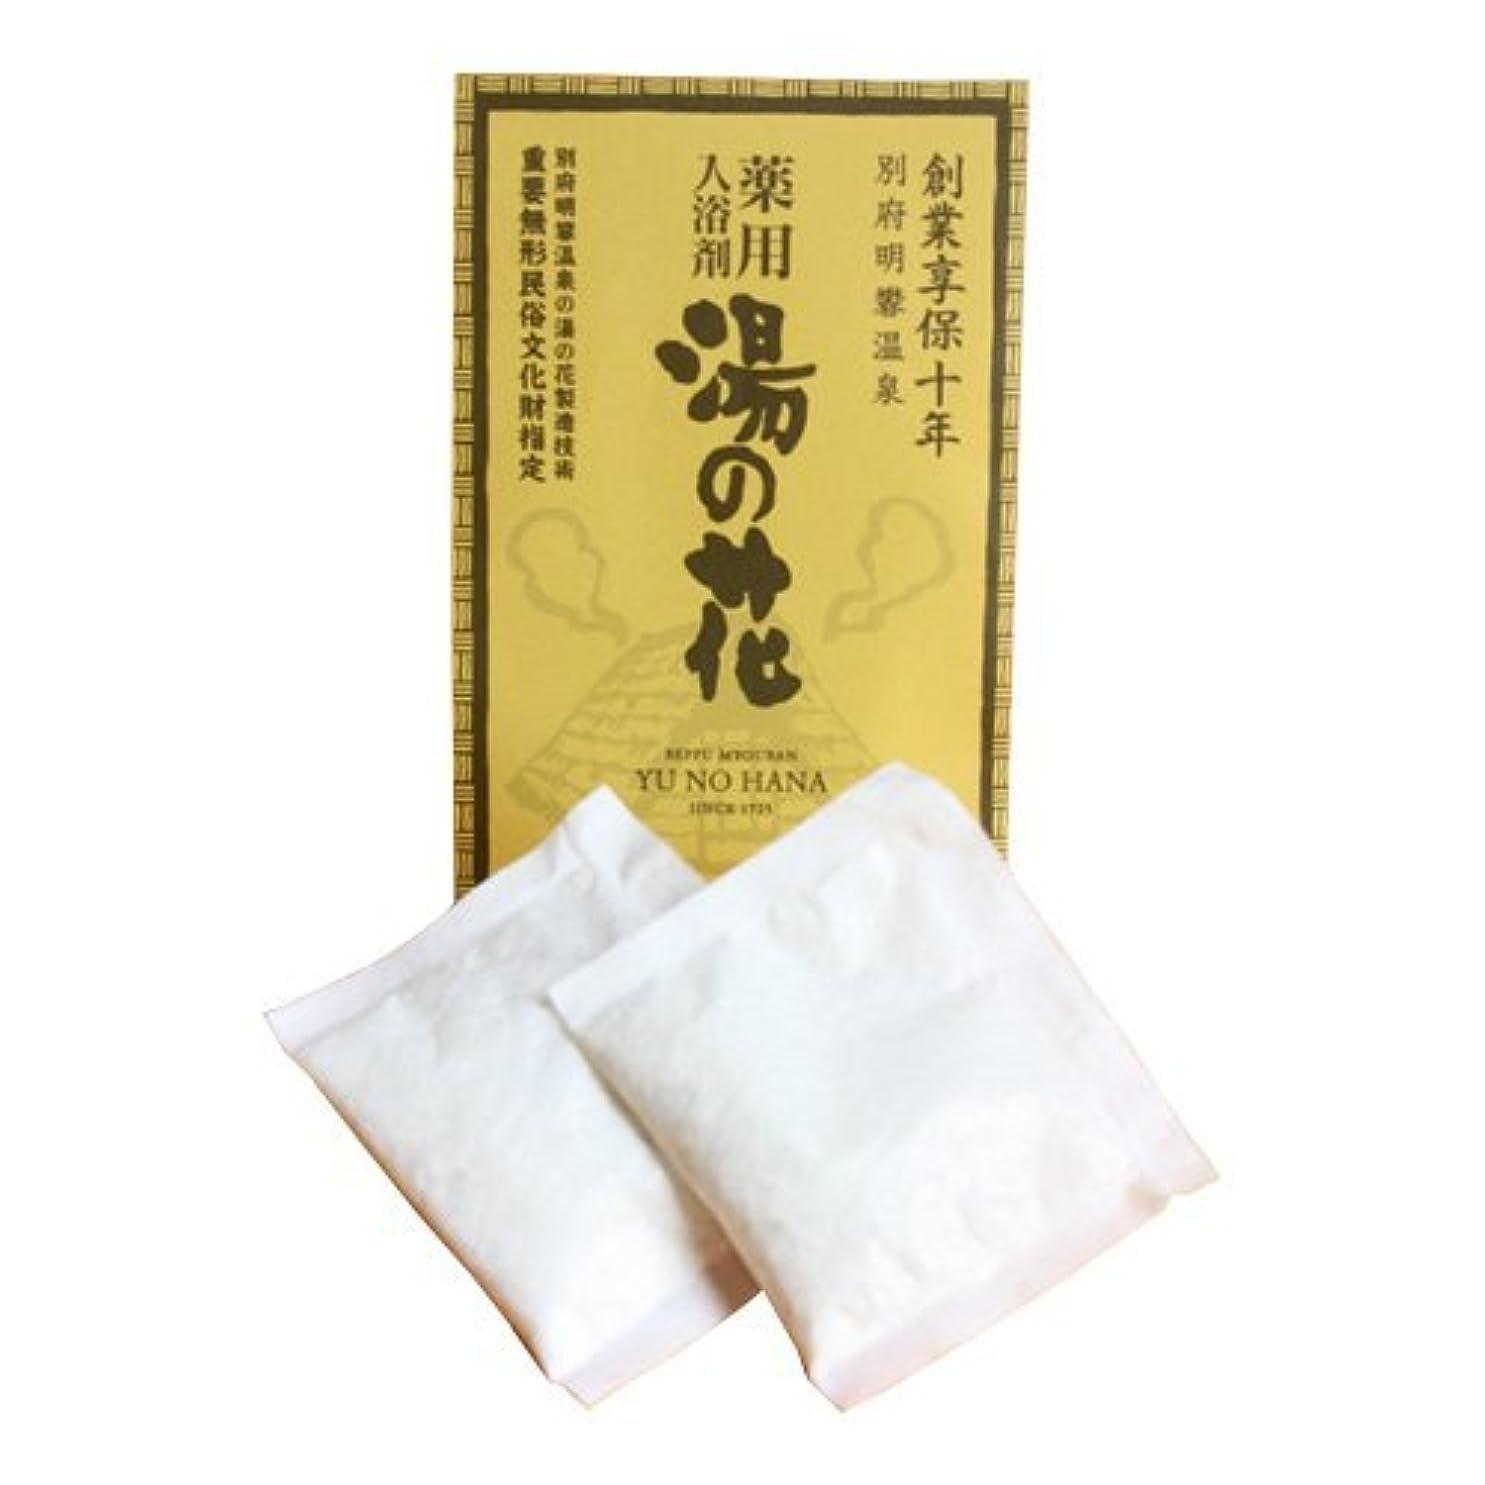 商品オセアニアドル明礬(みょうばん)温泉 薬用湯の花 2回分